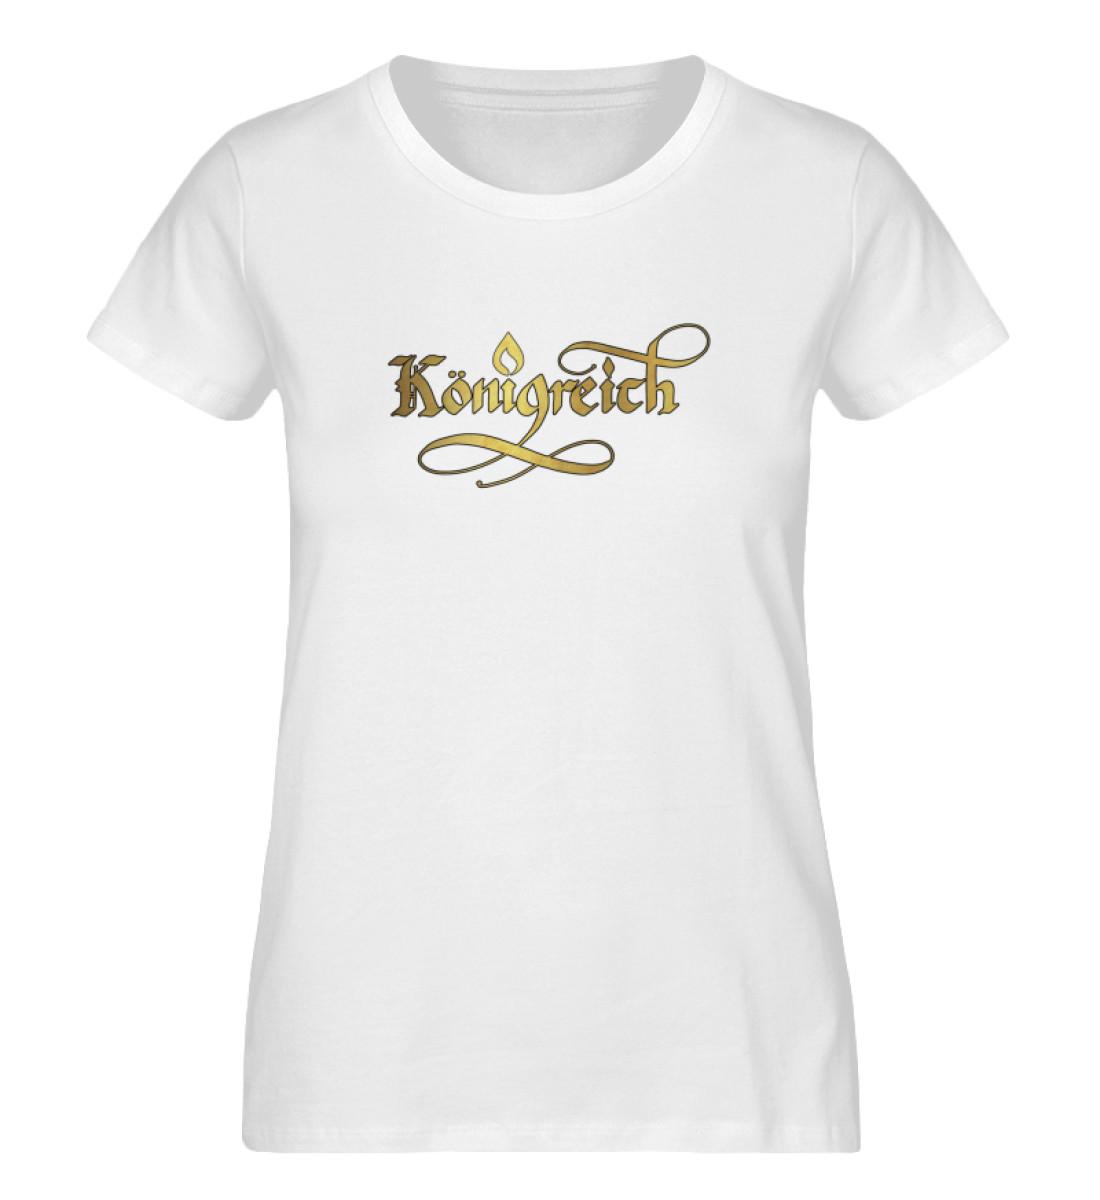 königreich - Ladies Premium Organic Shirt-3